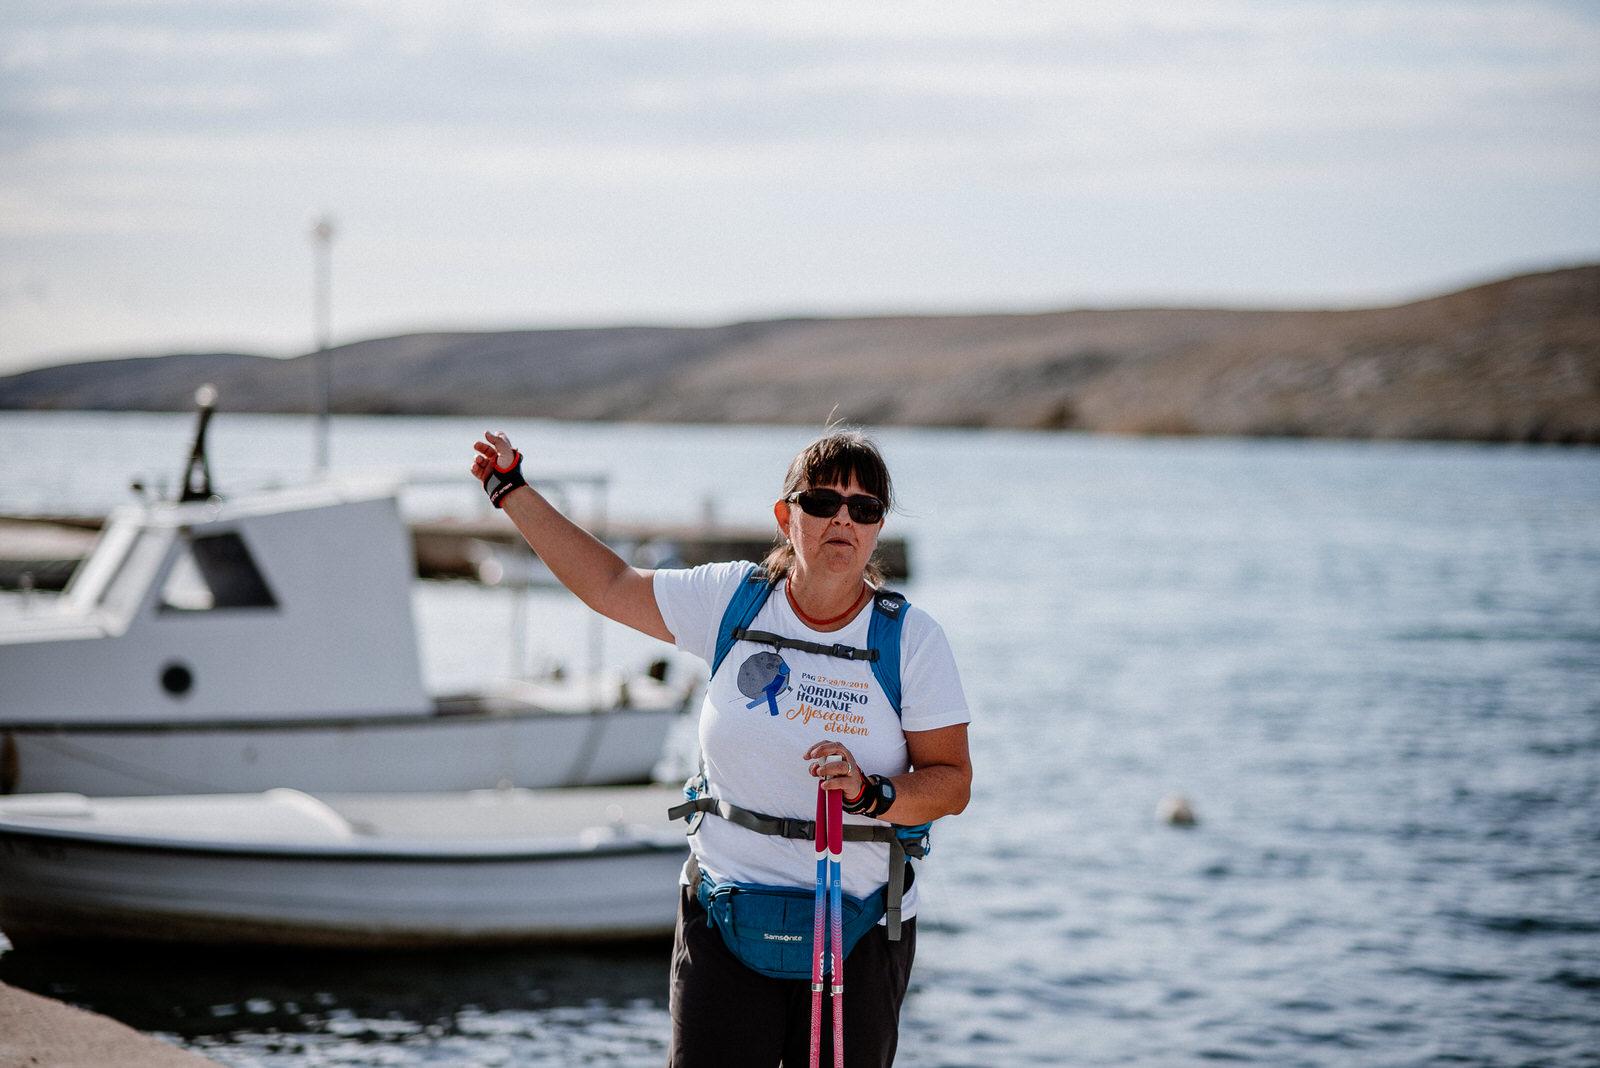 likaclub_nordijsko-hodanje-mjesečevim-otokom_pag-2019-12